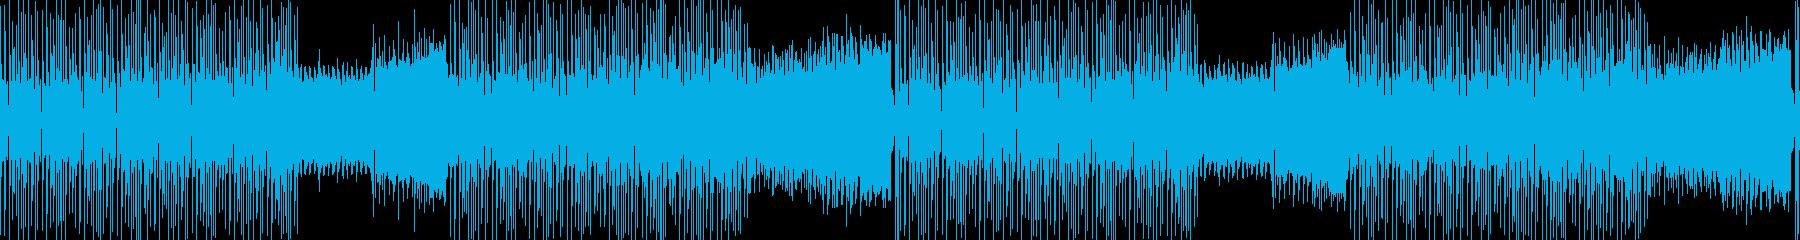 楽しい・わくわく・コミカル・軽快・EDMの再生済みの波形